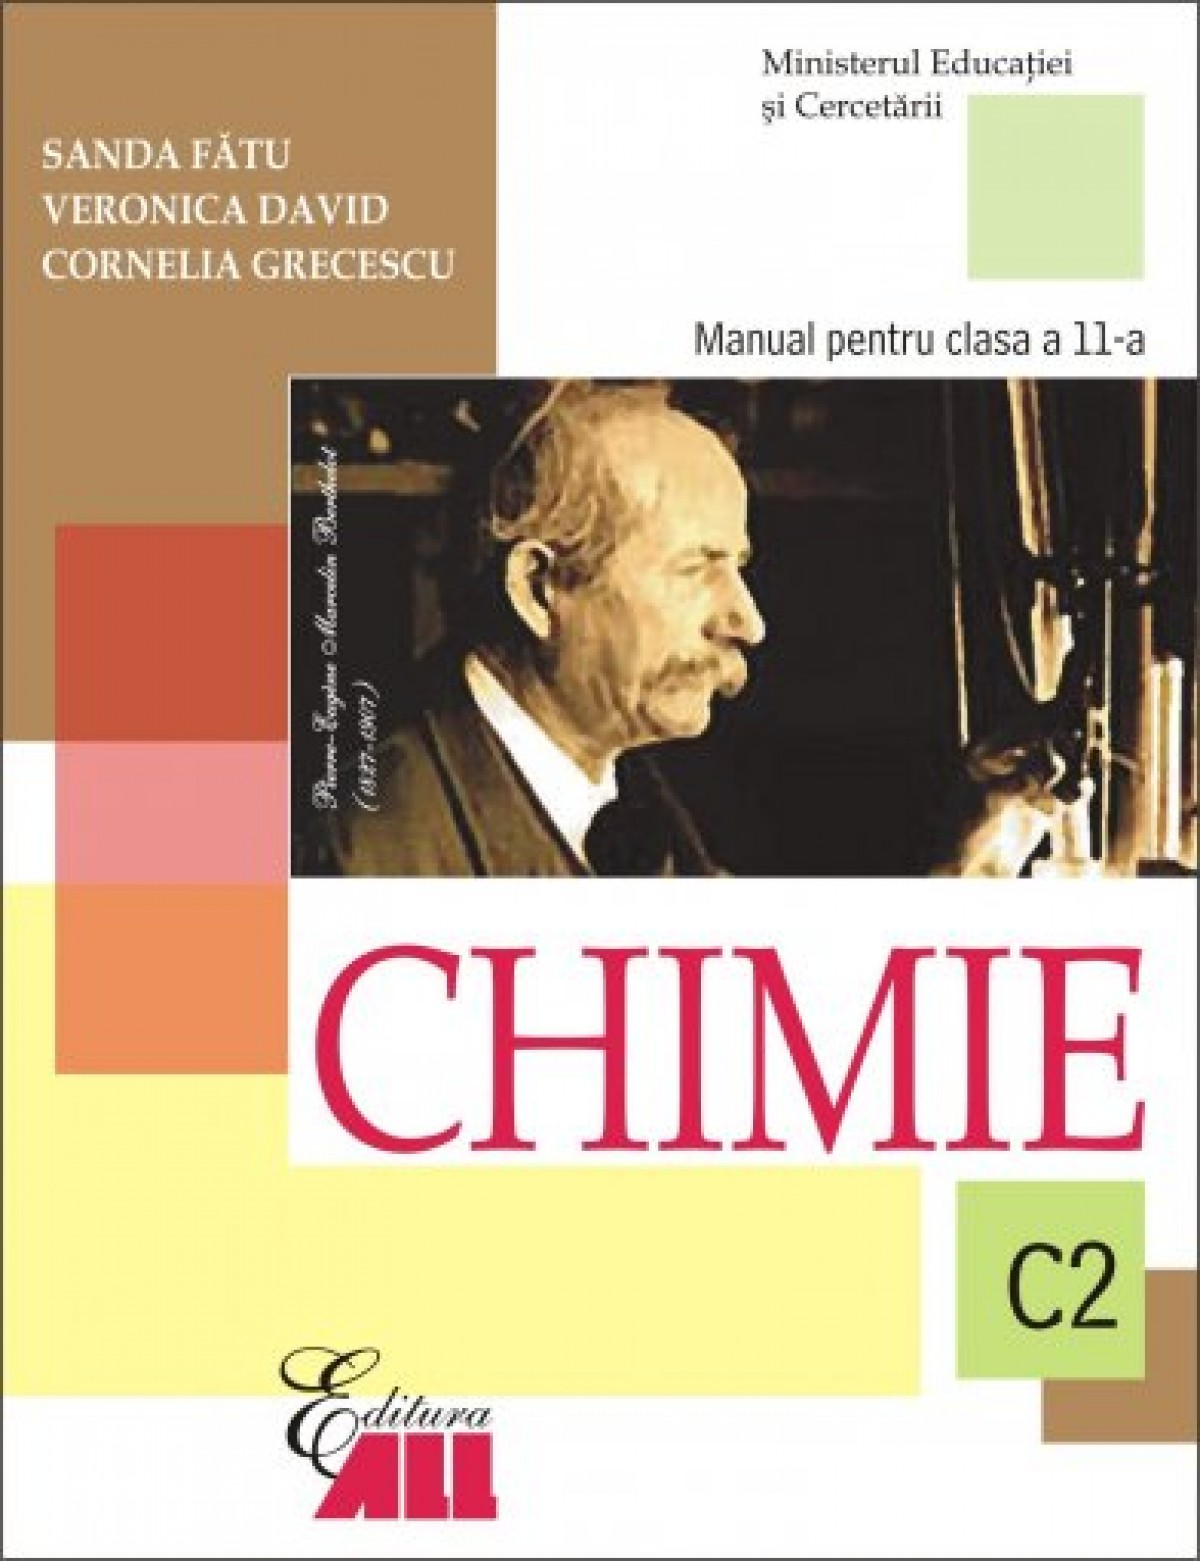 Chimie (C2). Manual pentru clasa a XI-a